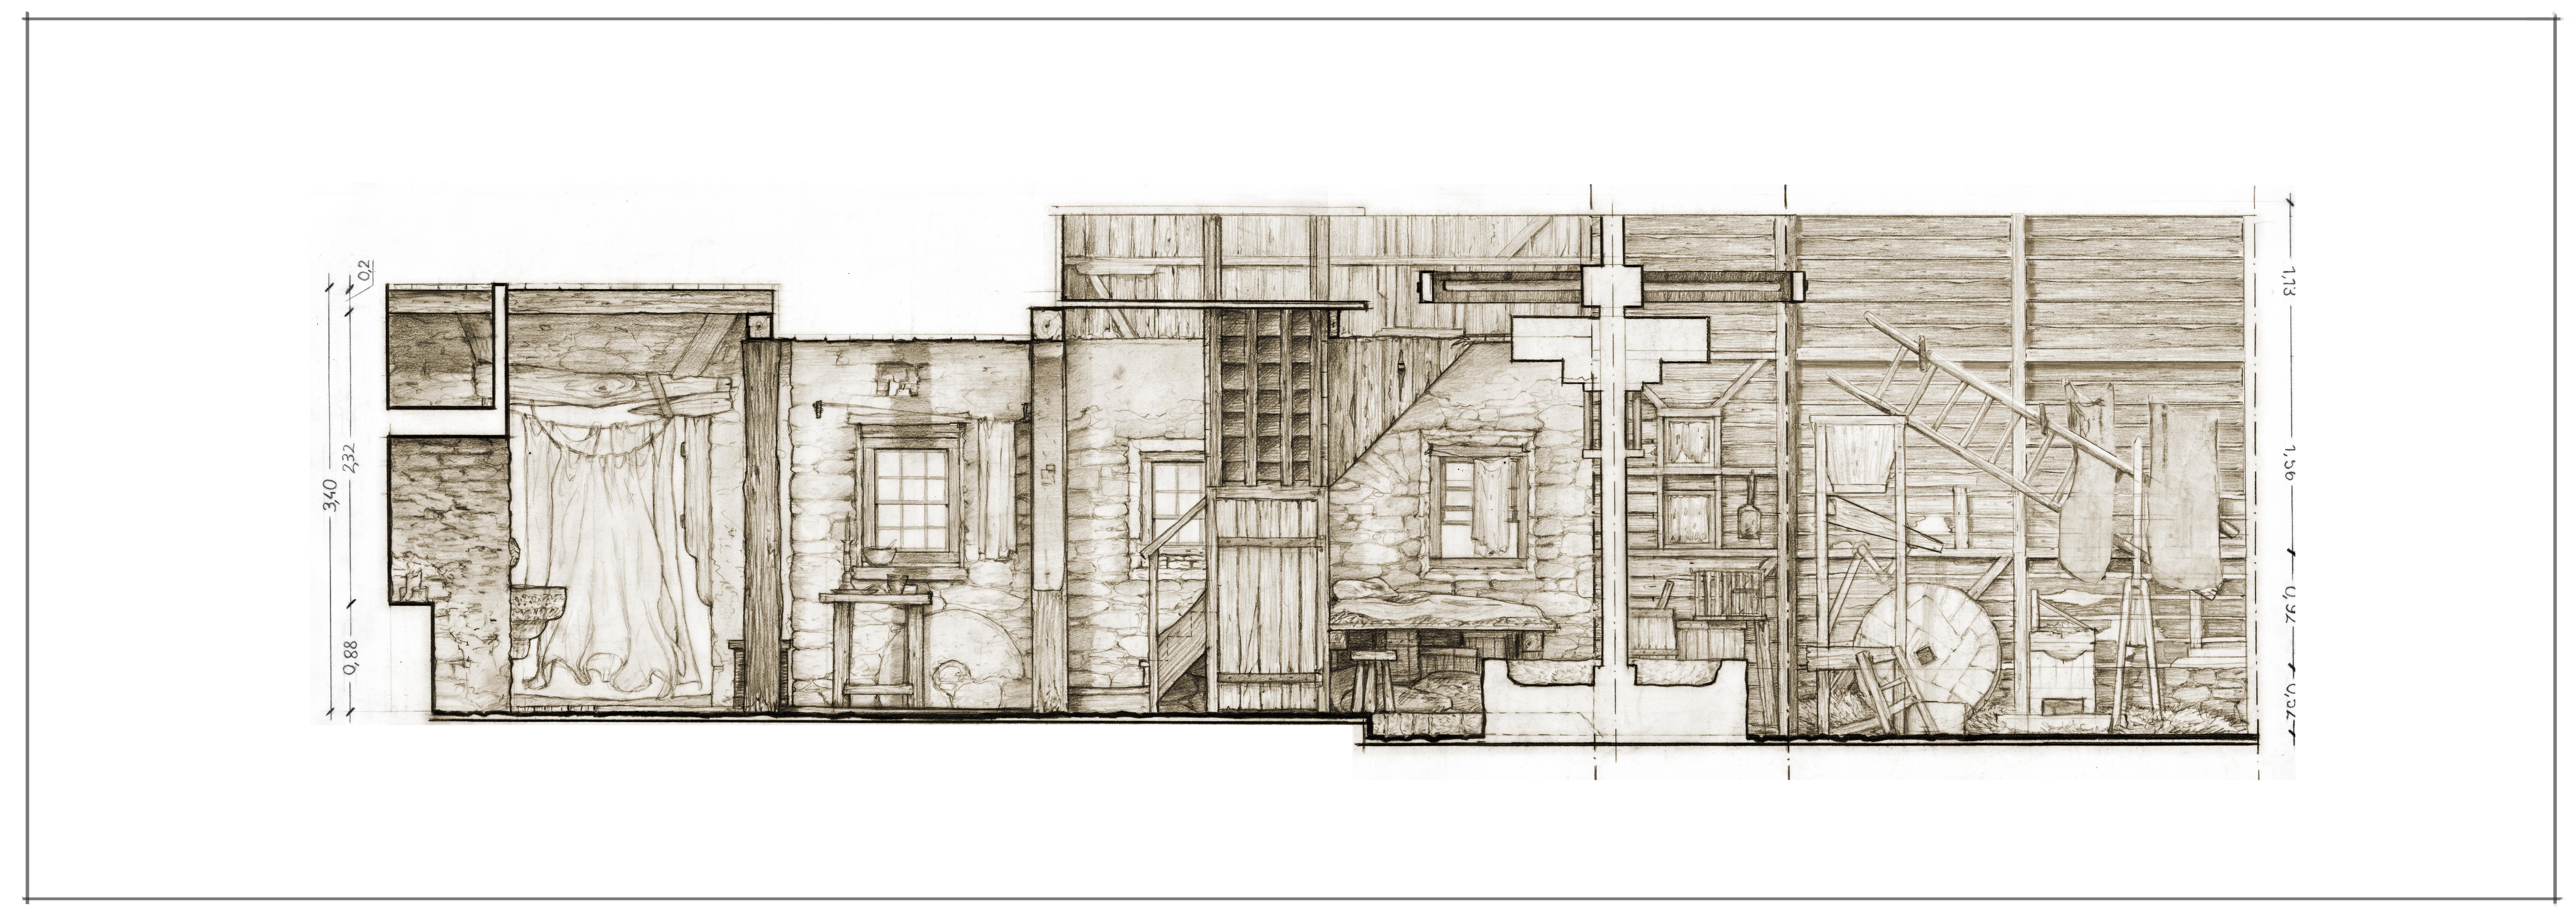 17 Mulino A3 x2 prospetto A